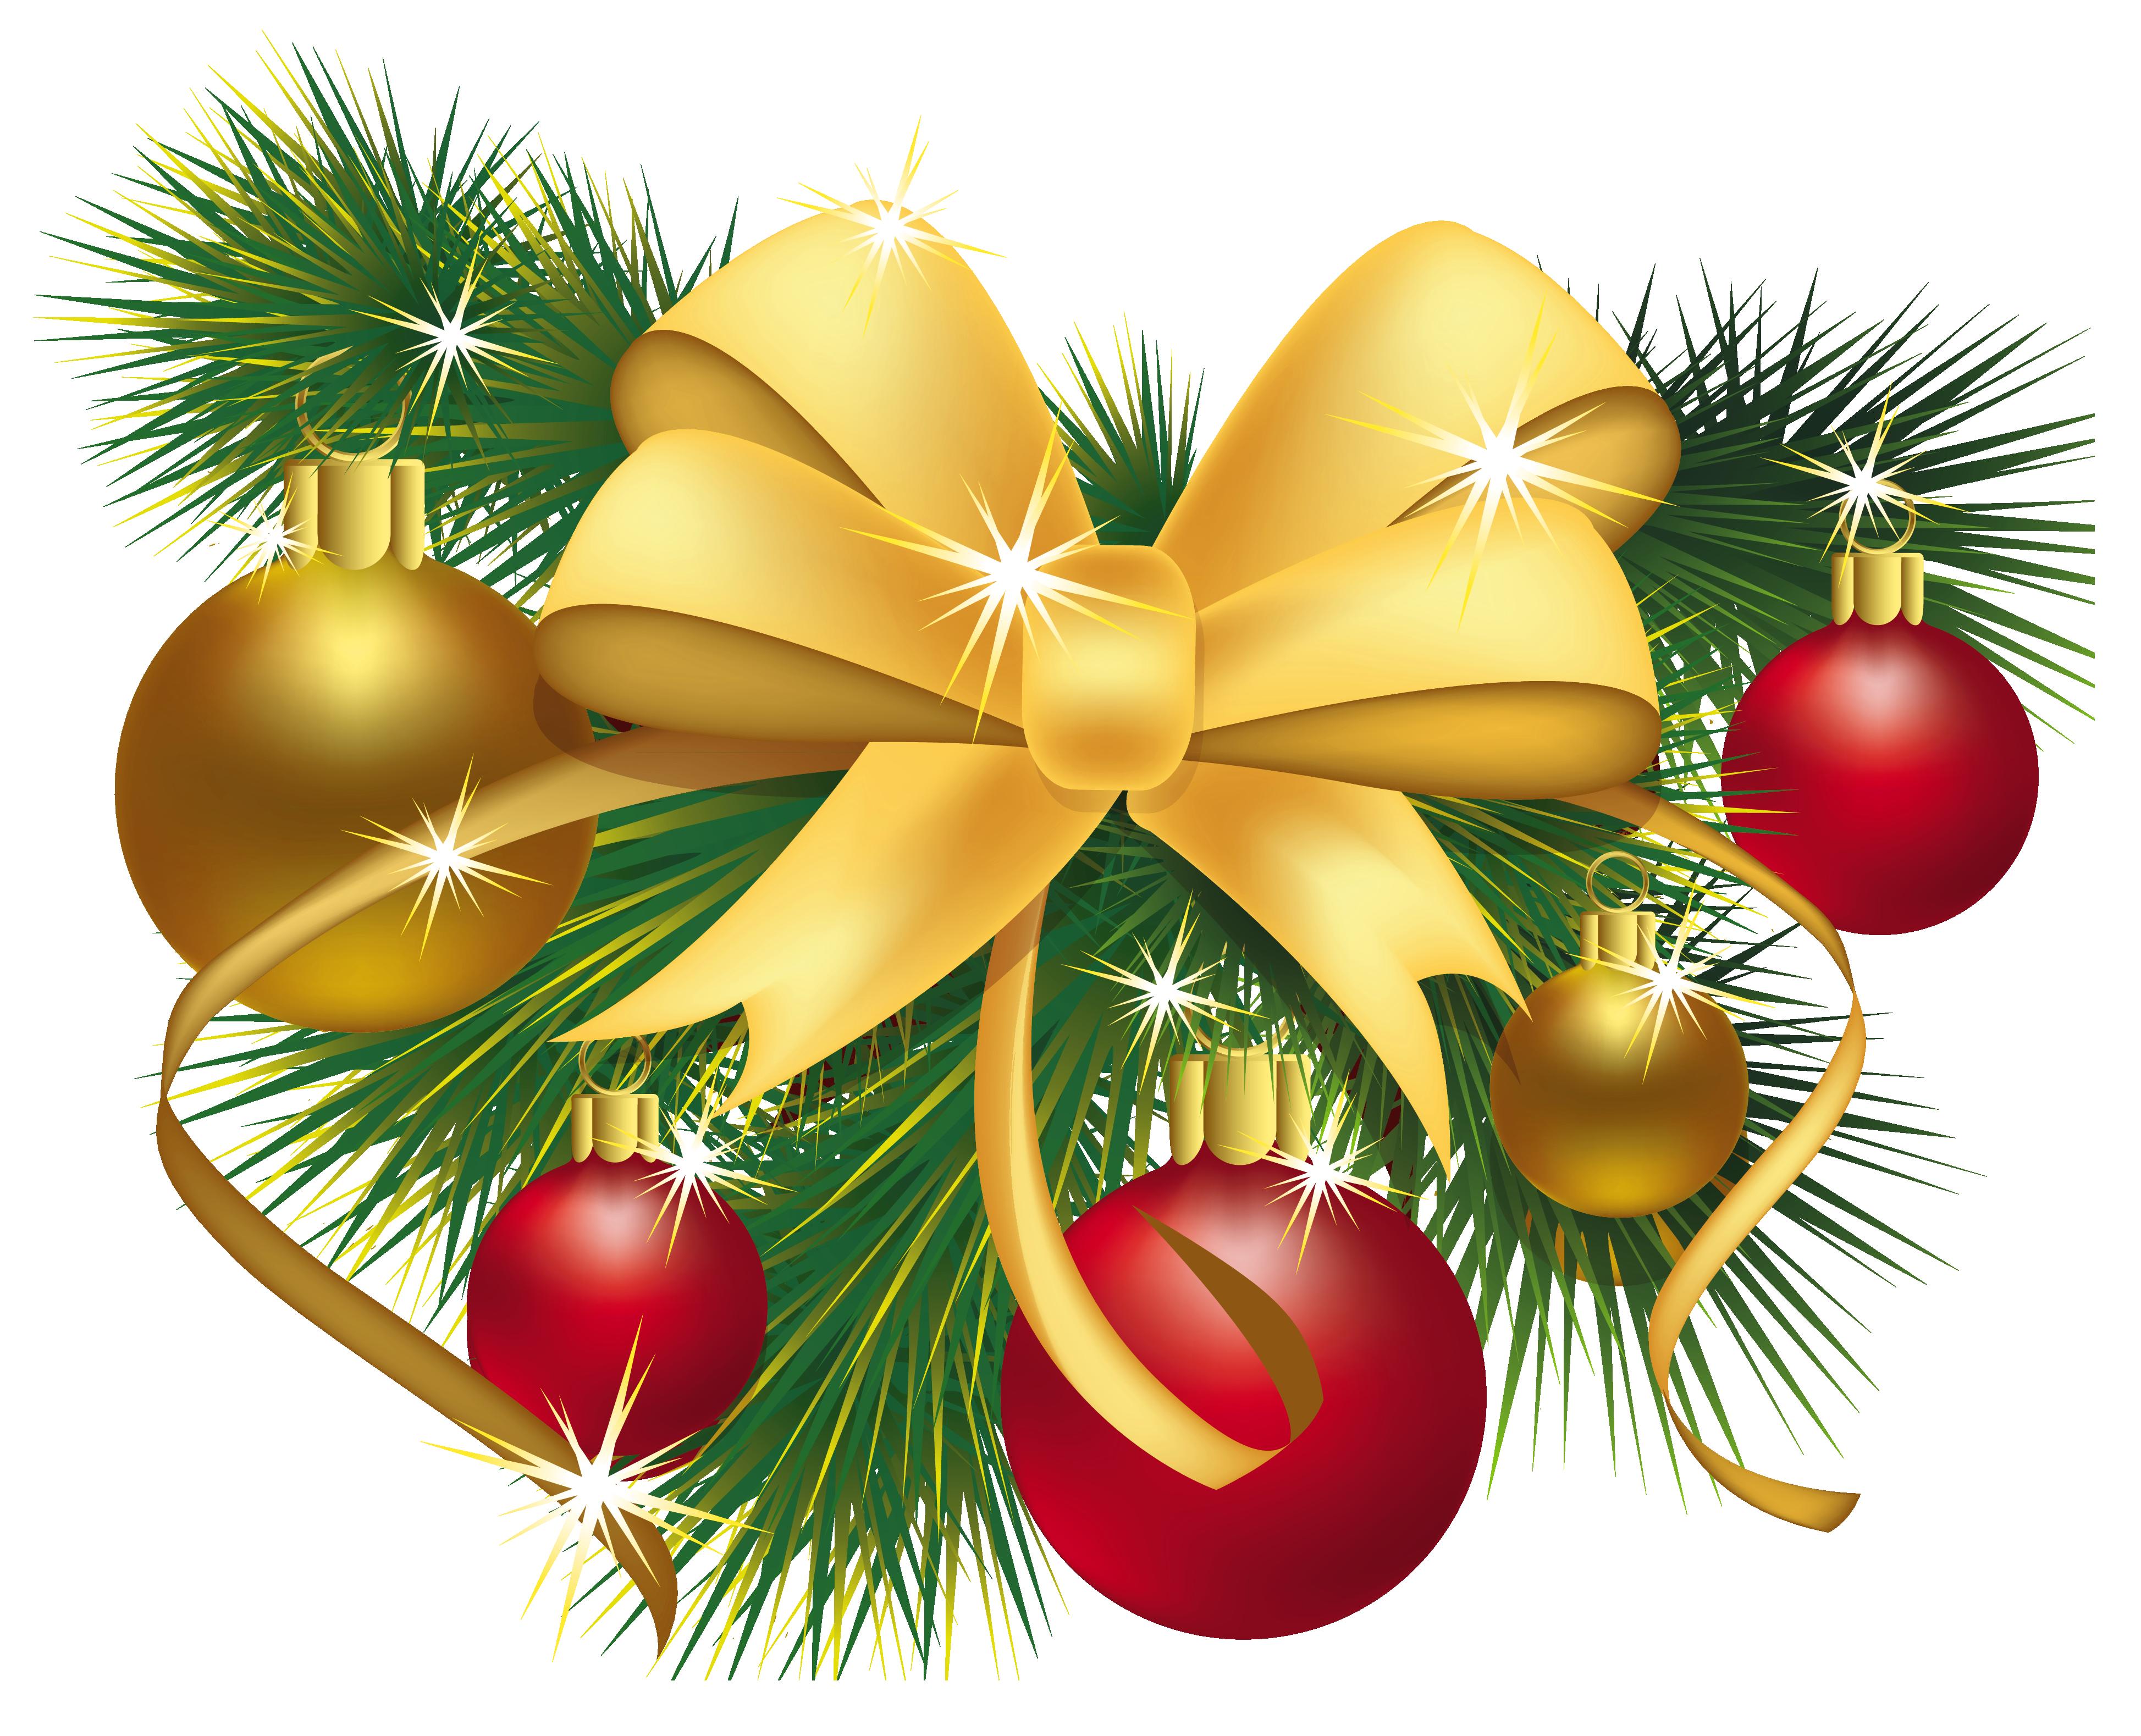 христианские картинки новогодних украшений на прозрачном фоне создание